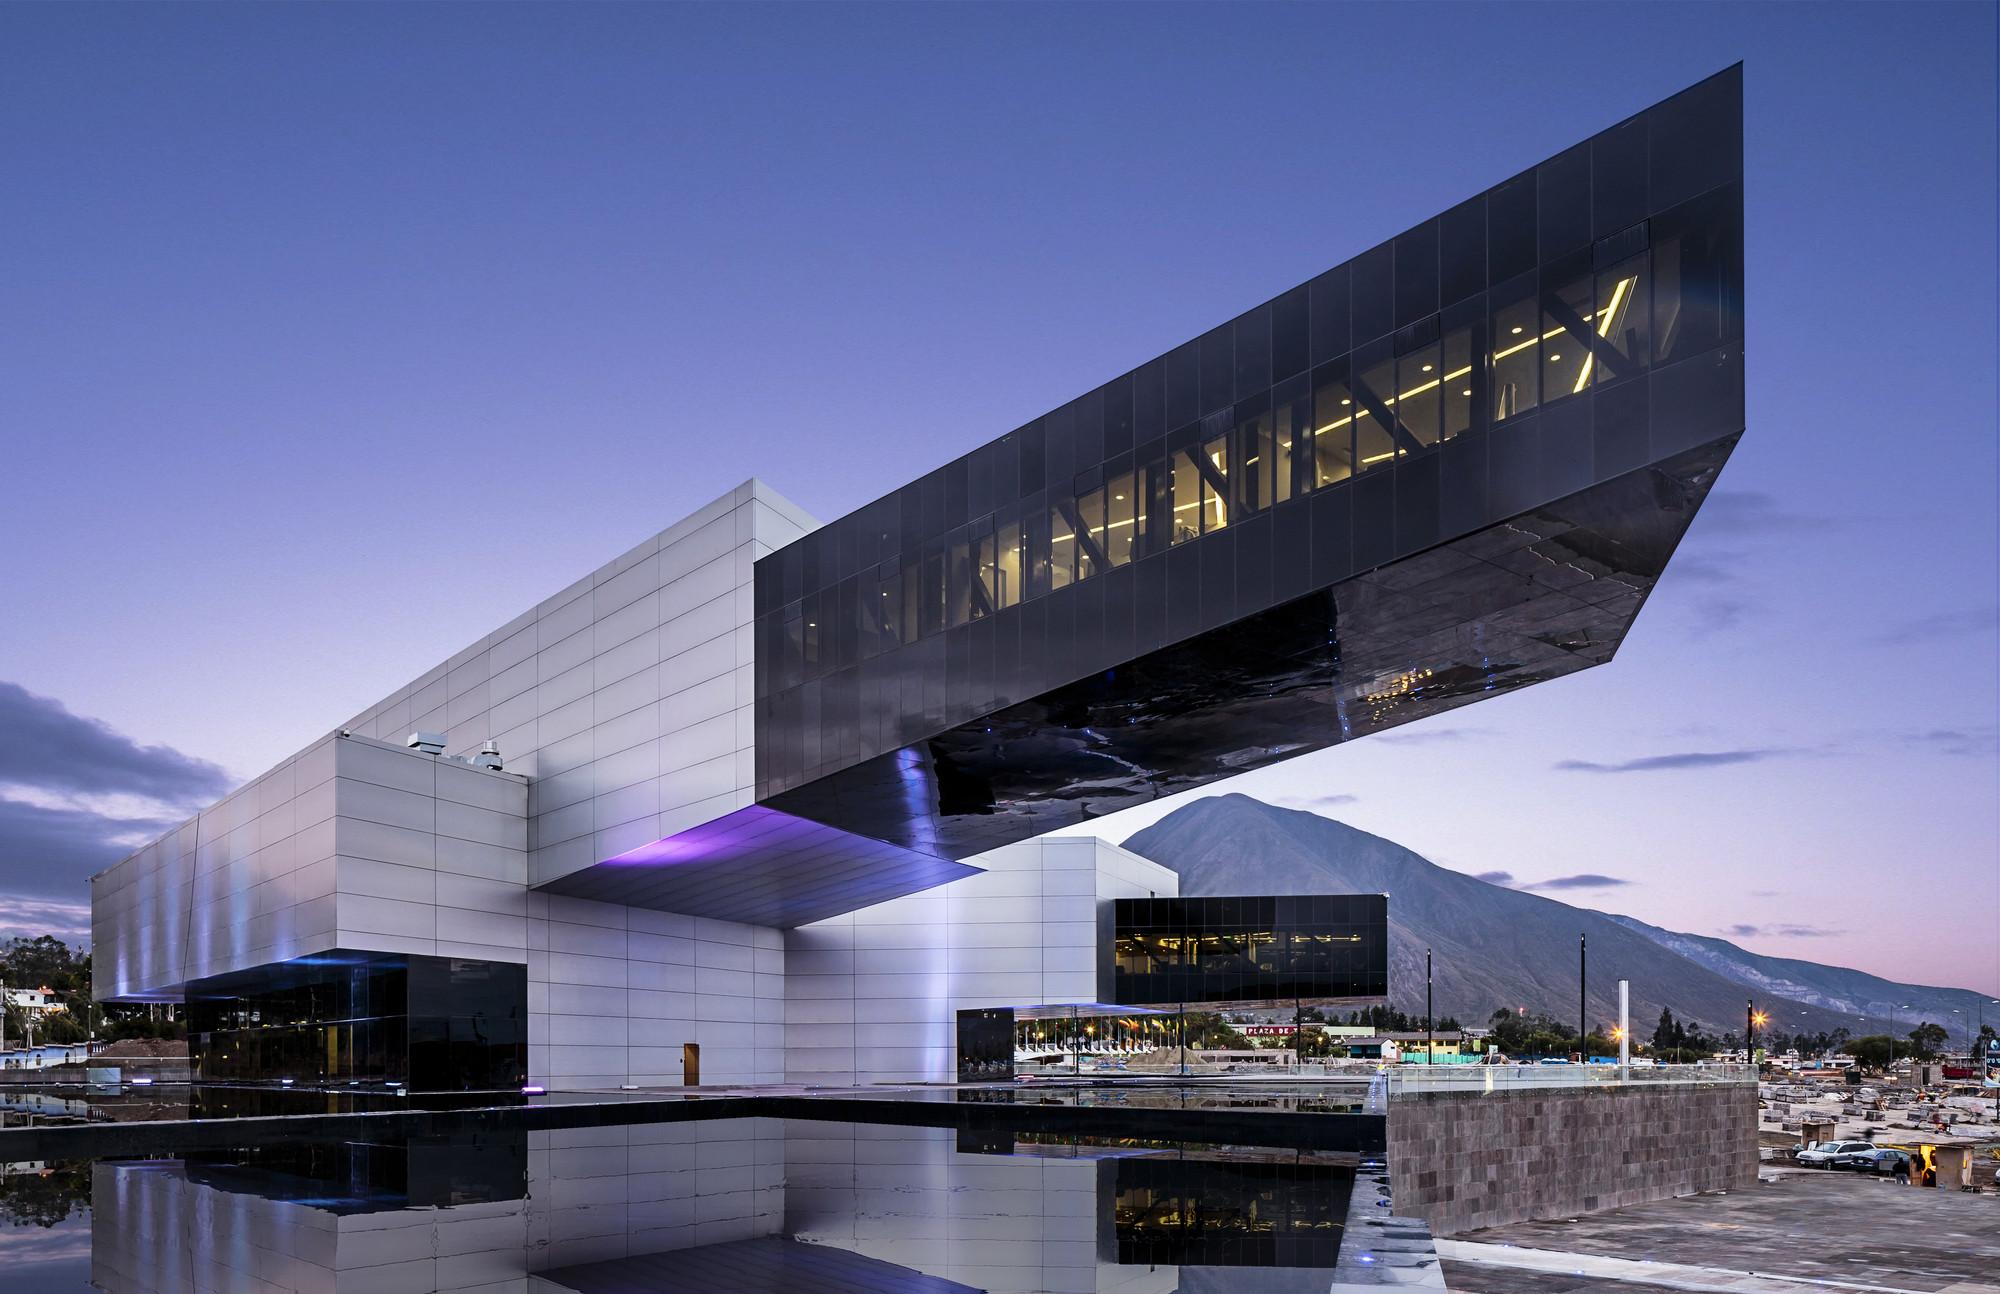 Edifício UNASUR  / Diego Guayasamin, © Sebastián Crespo